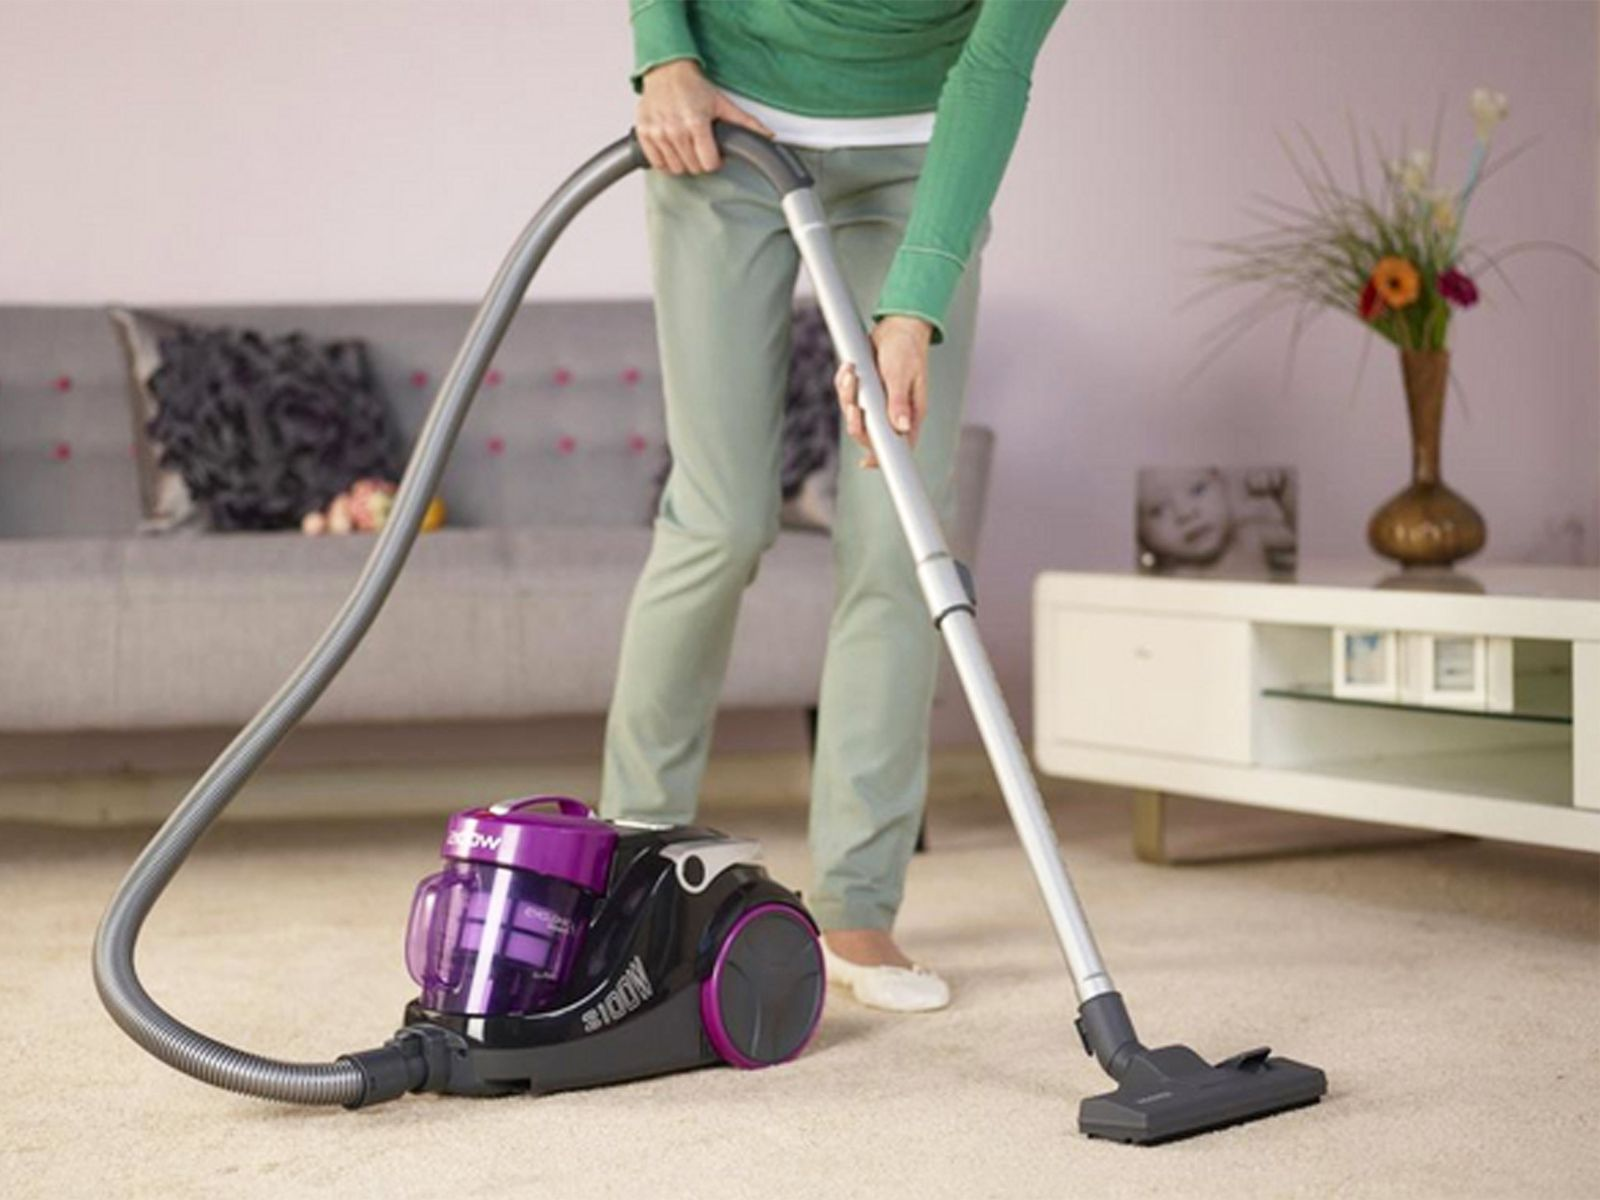 Hút bụi, sau đó lau sạch các mặt sàn